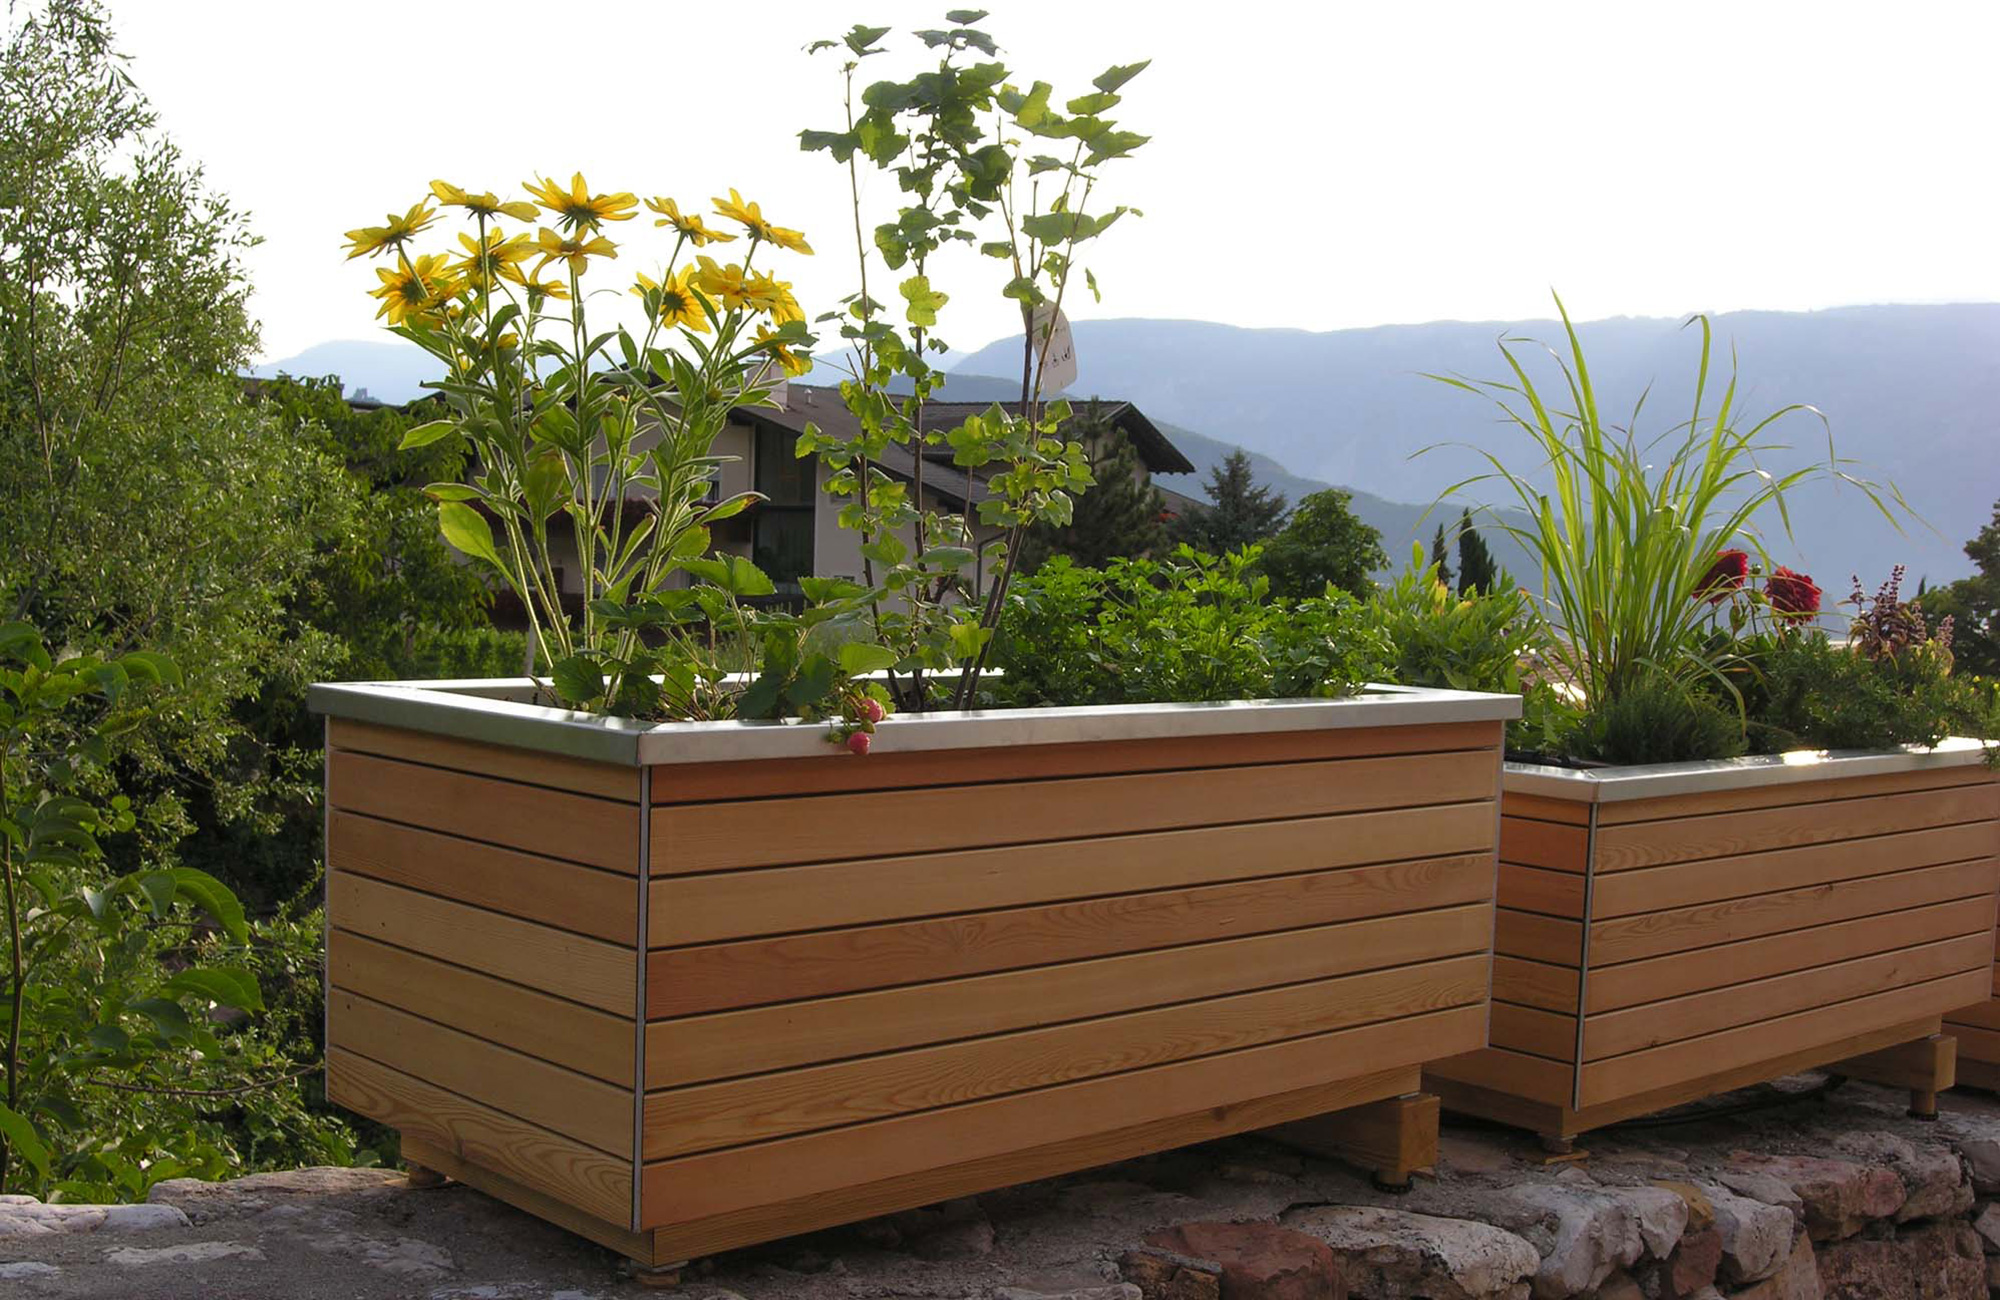 fabelhafte sonnenschutz terrasse selber machen bild erindzain. Black Bedroom Furniture Sets. Home Design Ideas